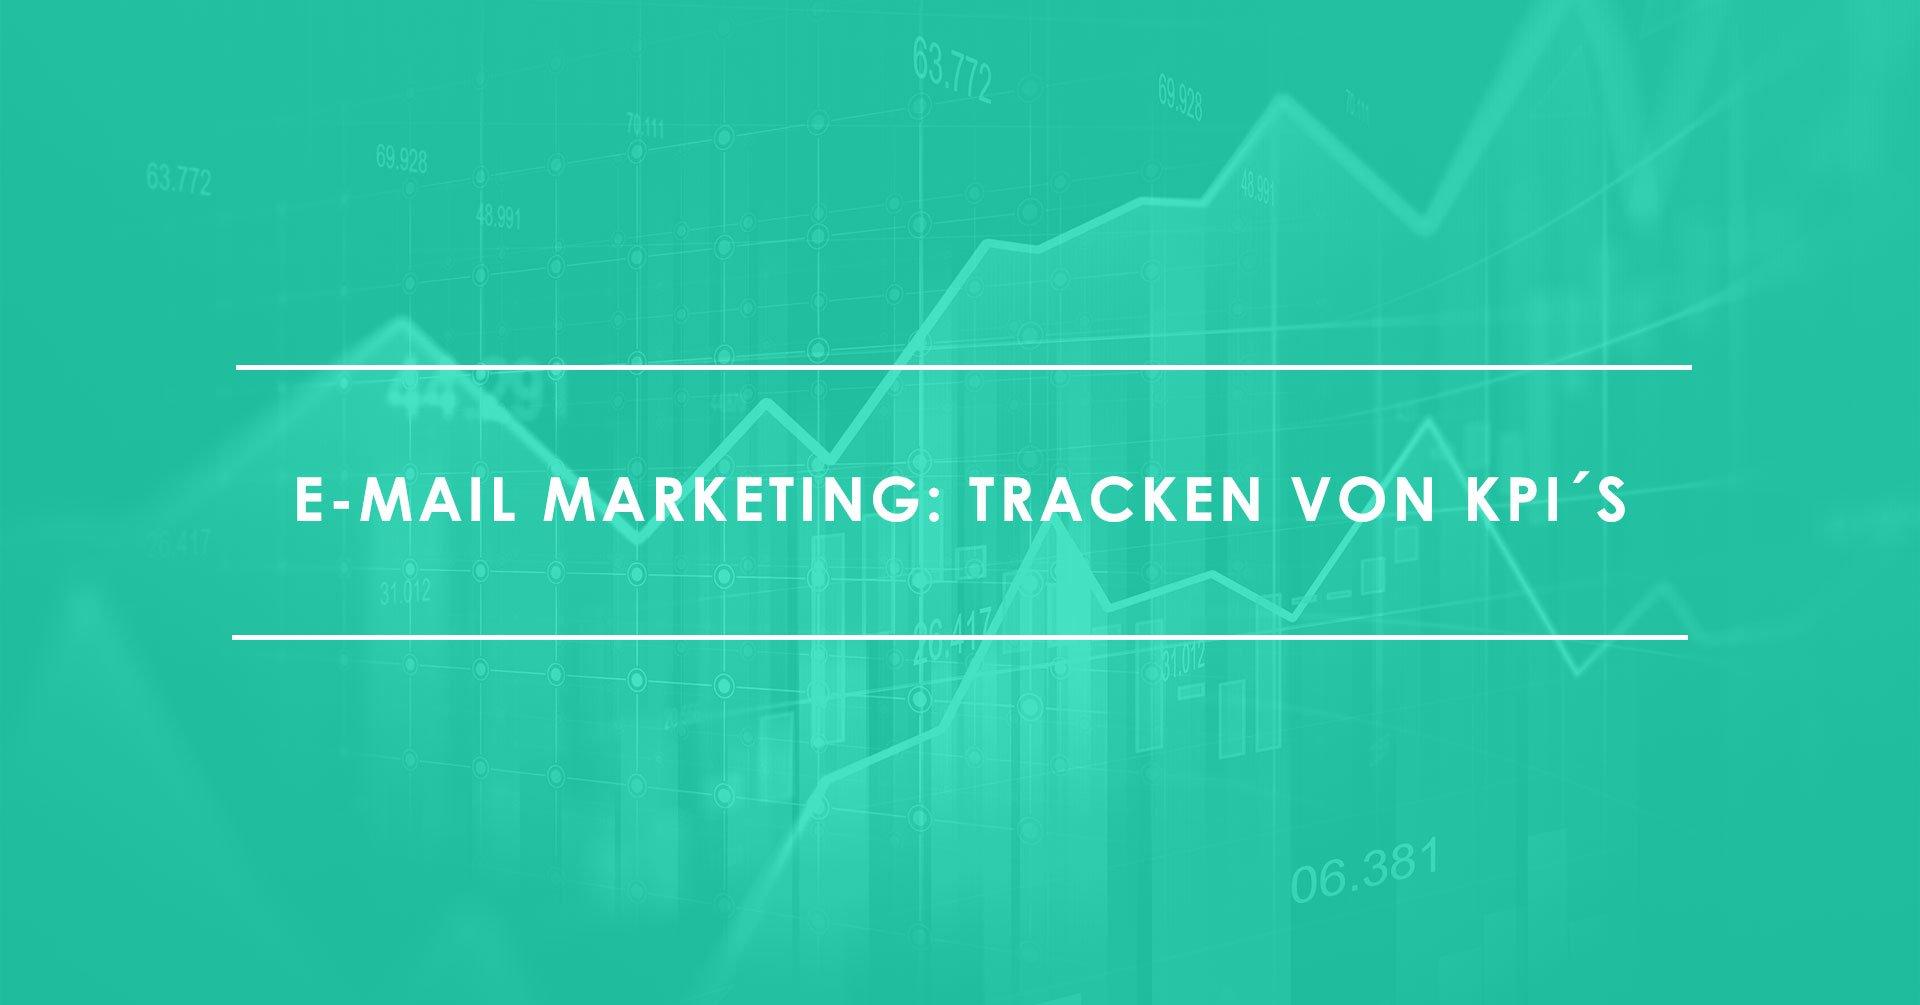 E-Mail-Marketing--Diese-KPIs-sollten-Sie-tracken